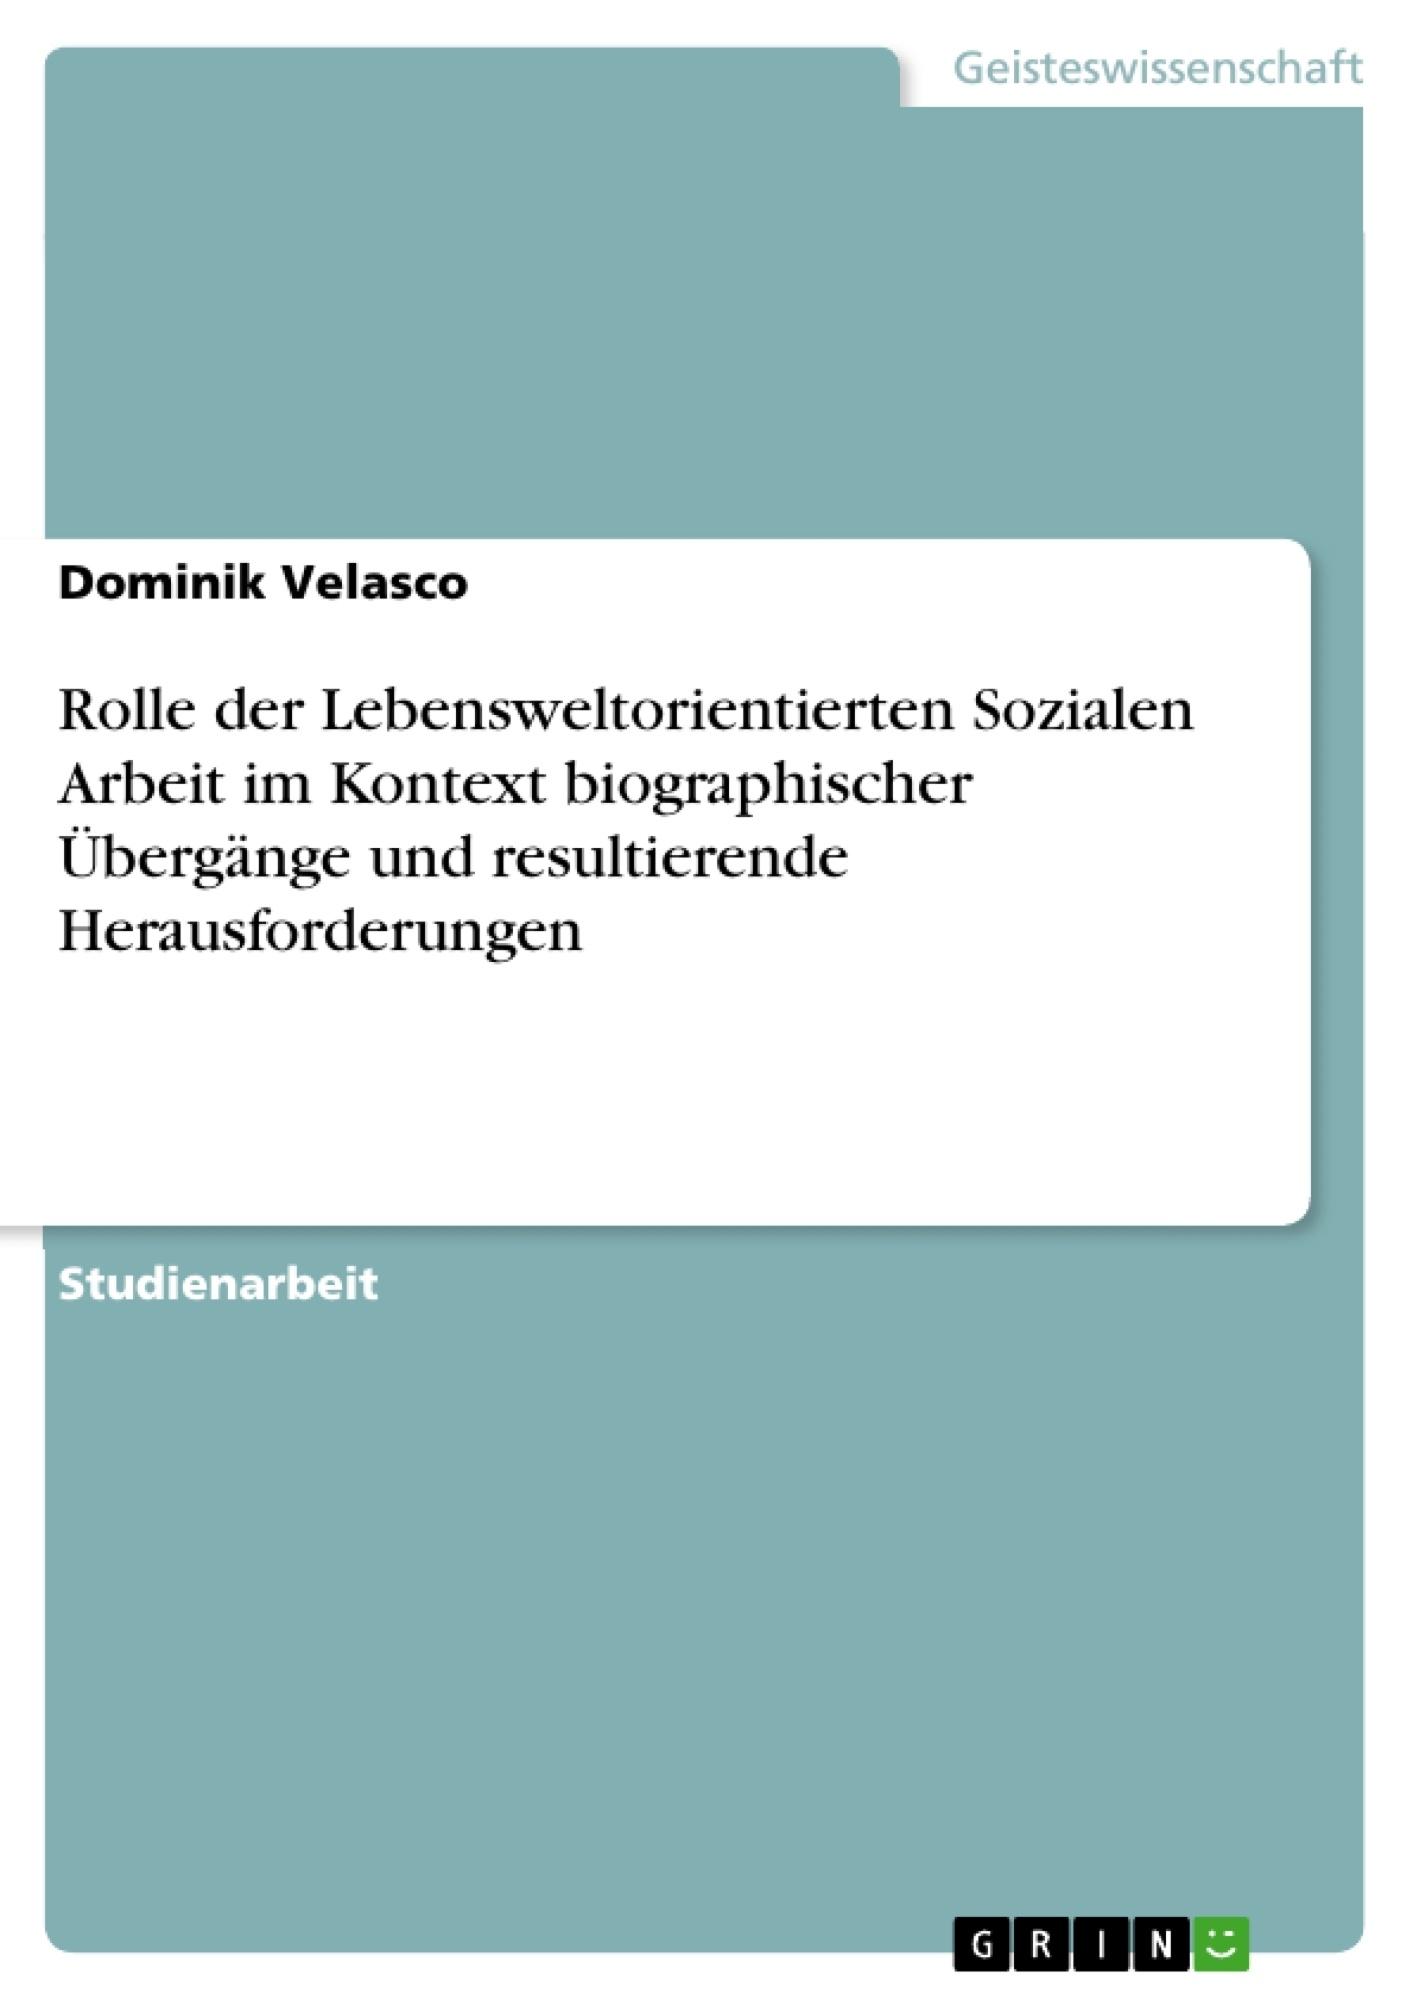 Titel: Rolle der Lebensweltorientierten Sozialen Arbeit im Kontext biographischer Übergänge und resultierende Herausforderungen